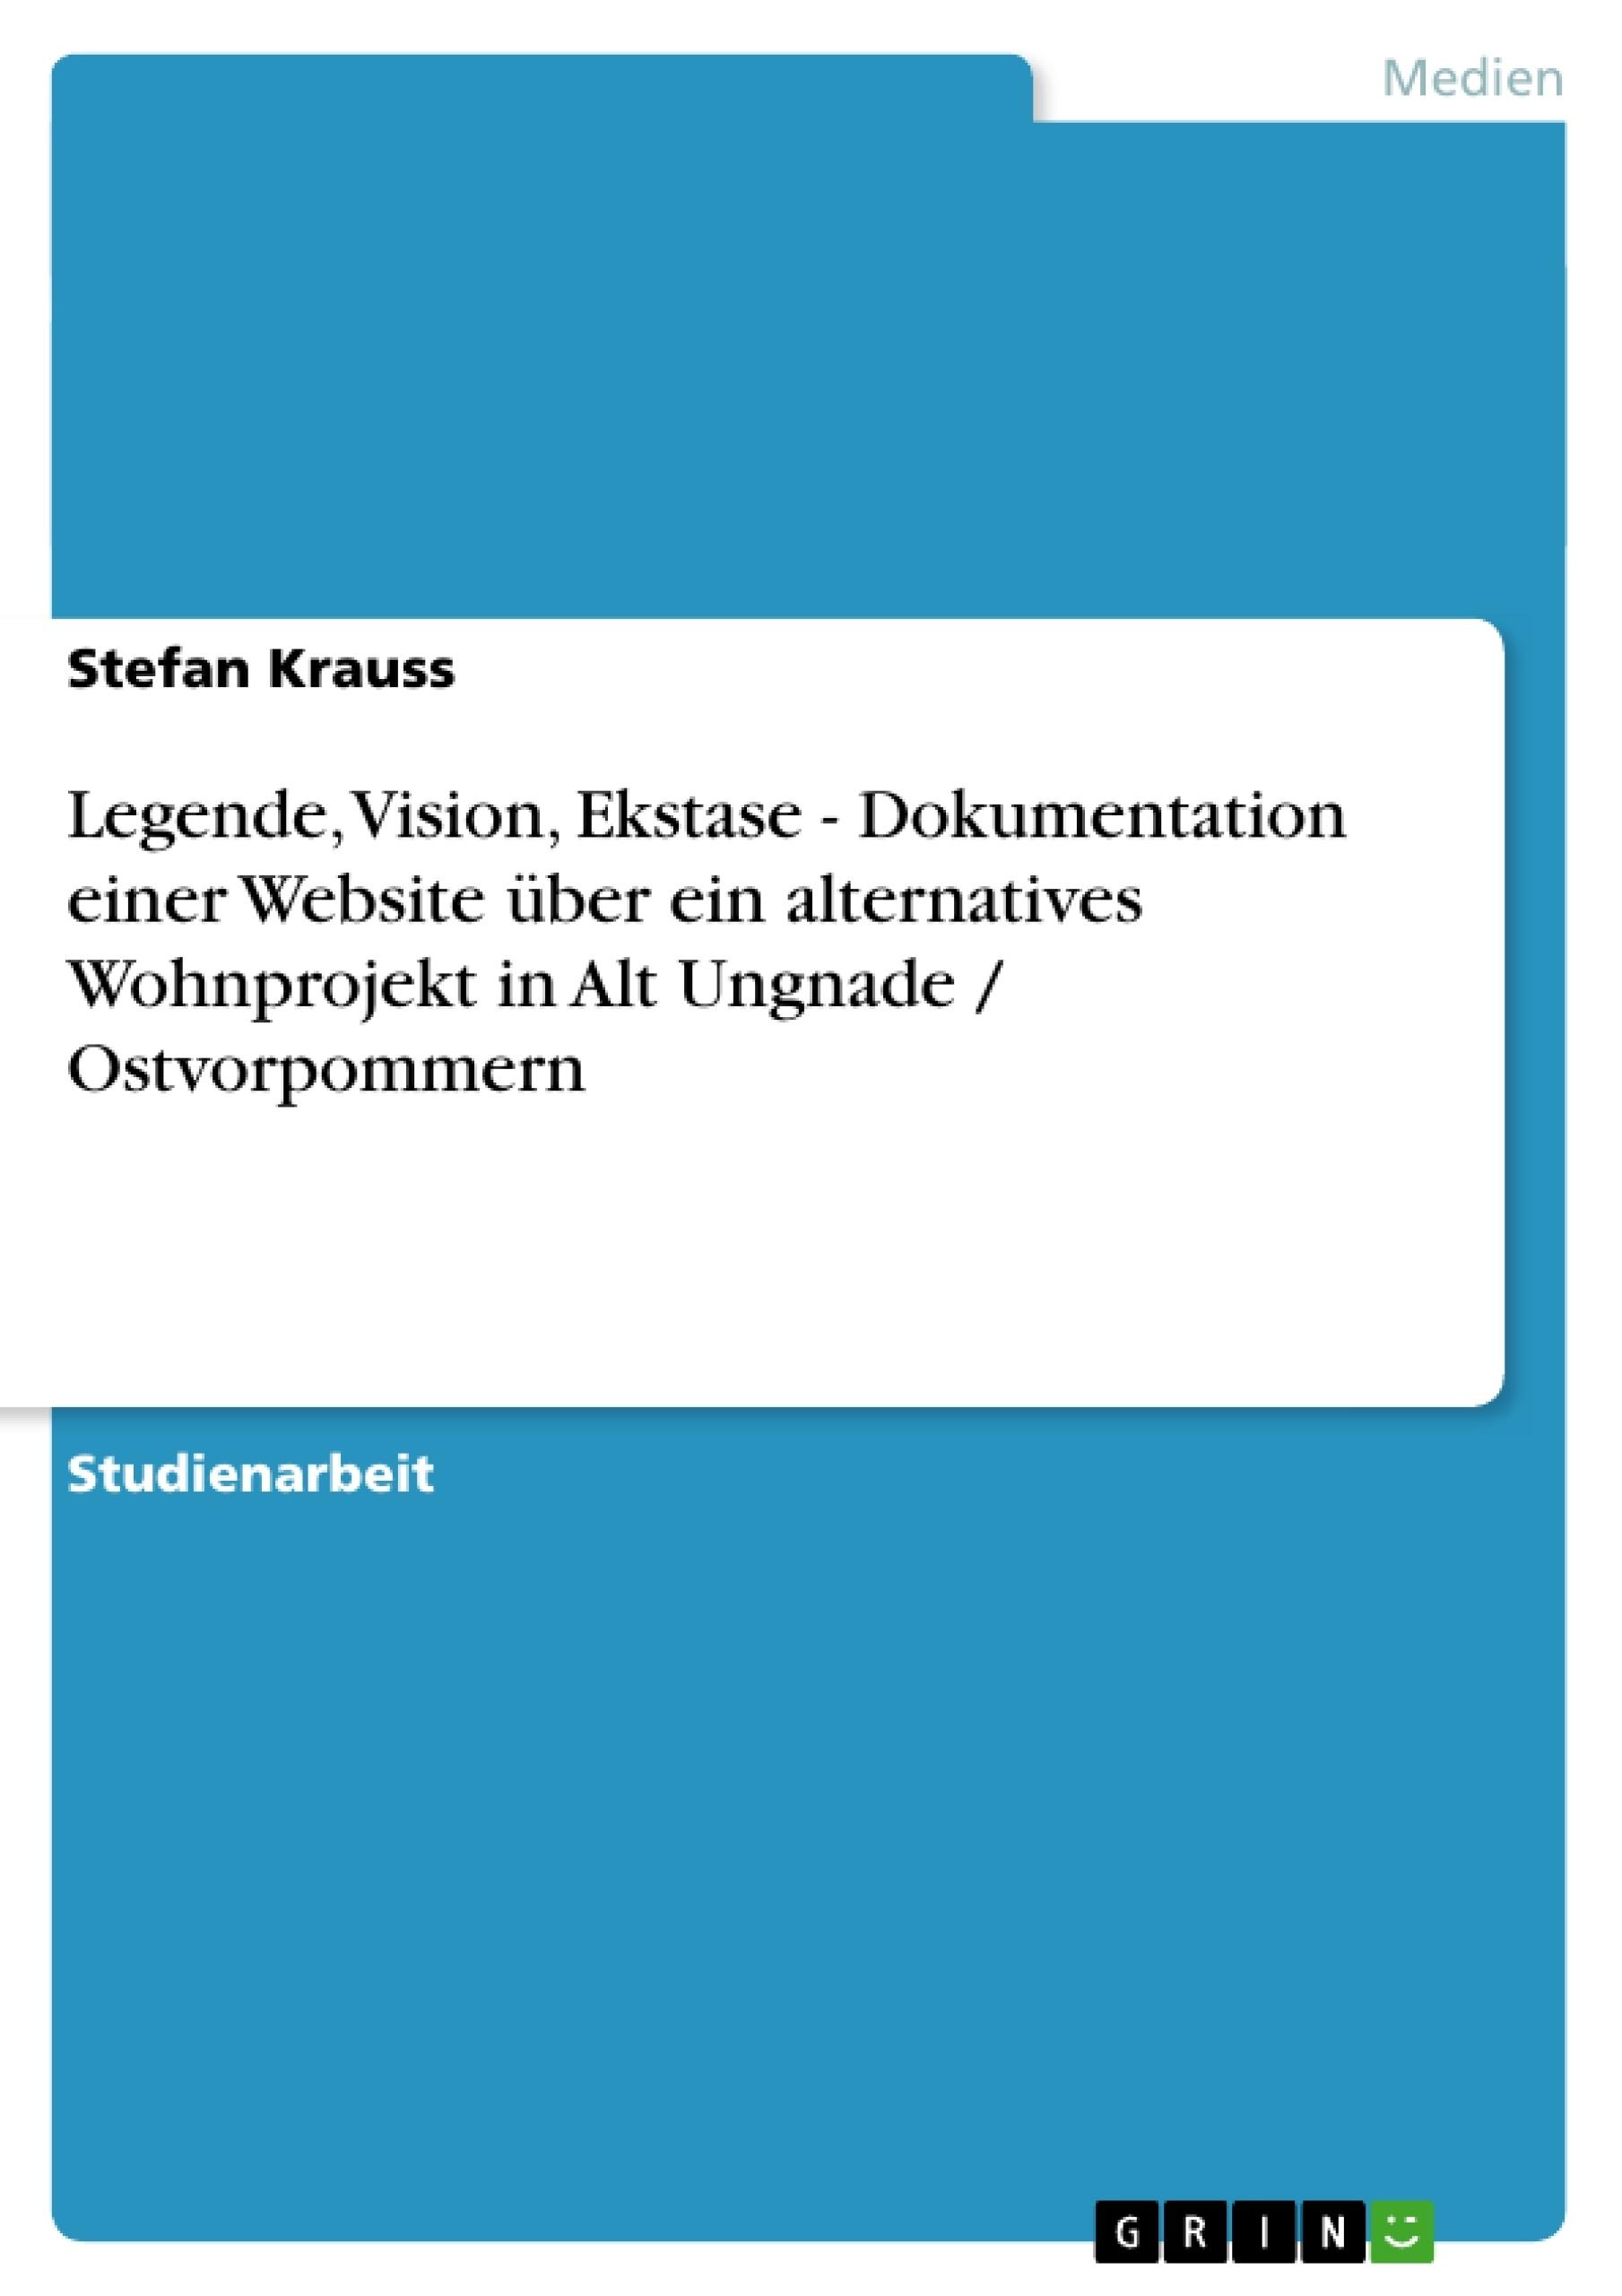 Titel: Legende, Vision, Ekstase - Dokumentation einer Website über ein alternatives Wohnprojekt in Alt Ungnade / Ostvorpommern